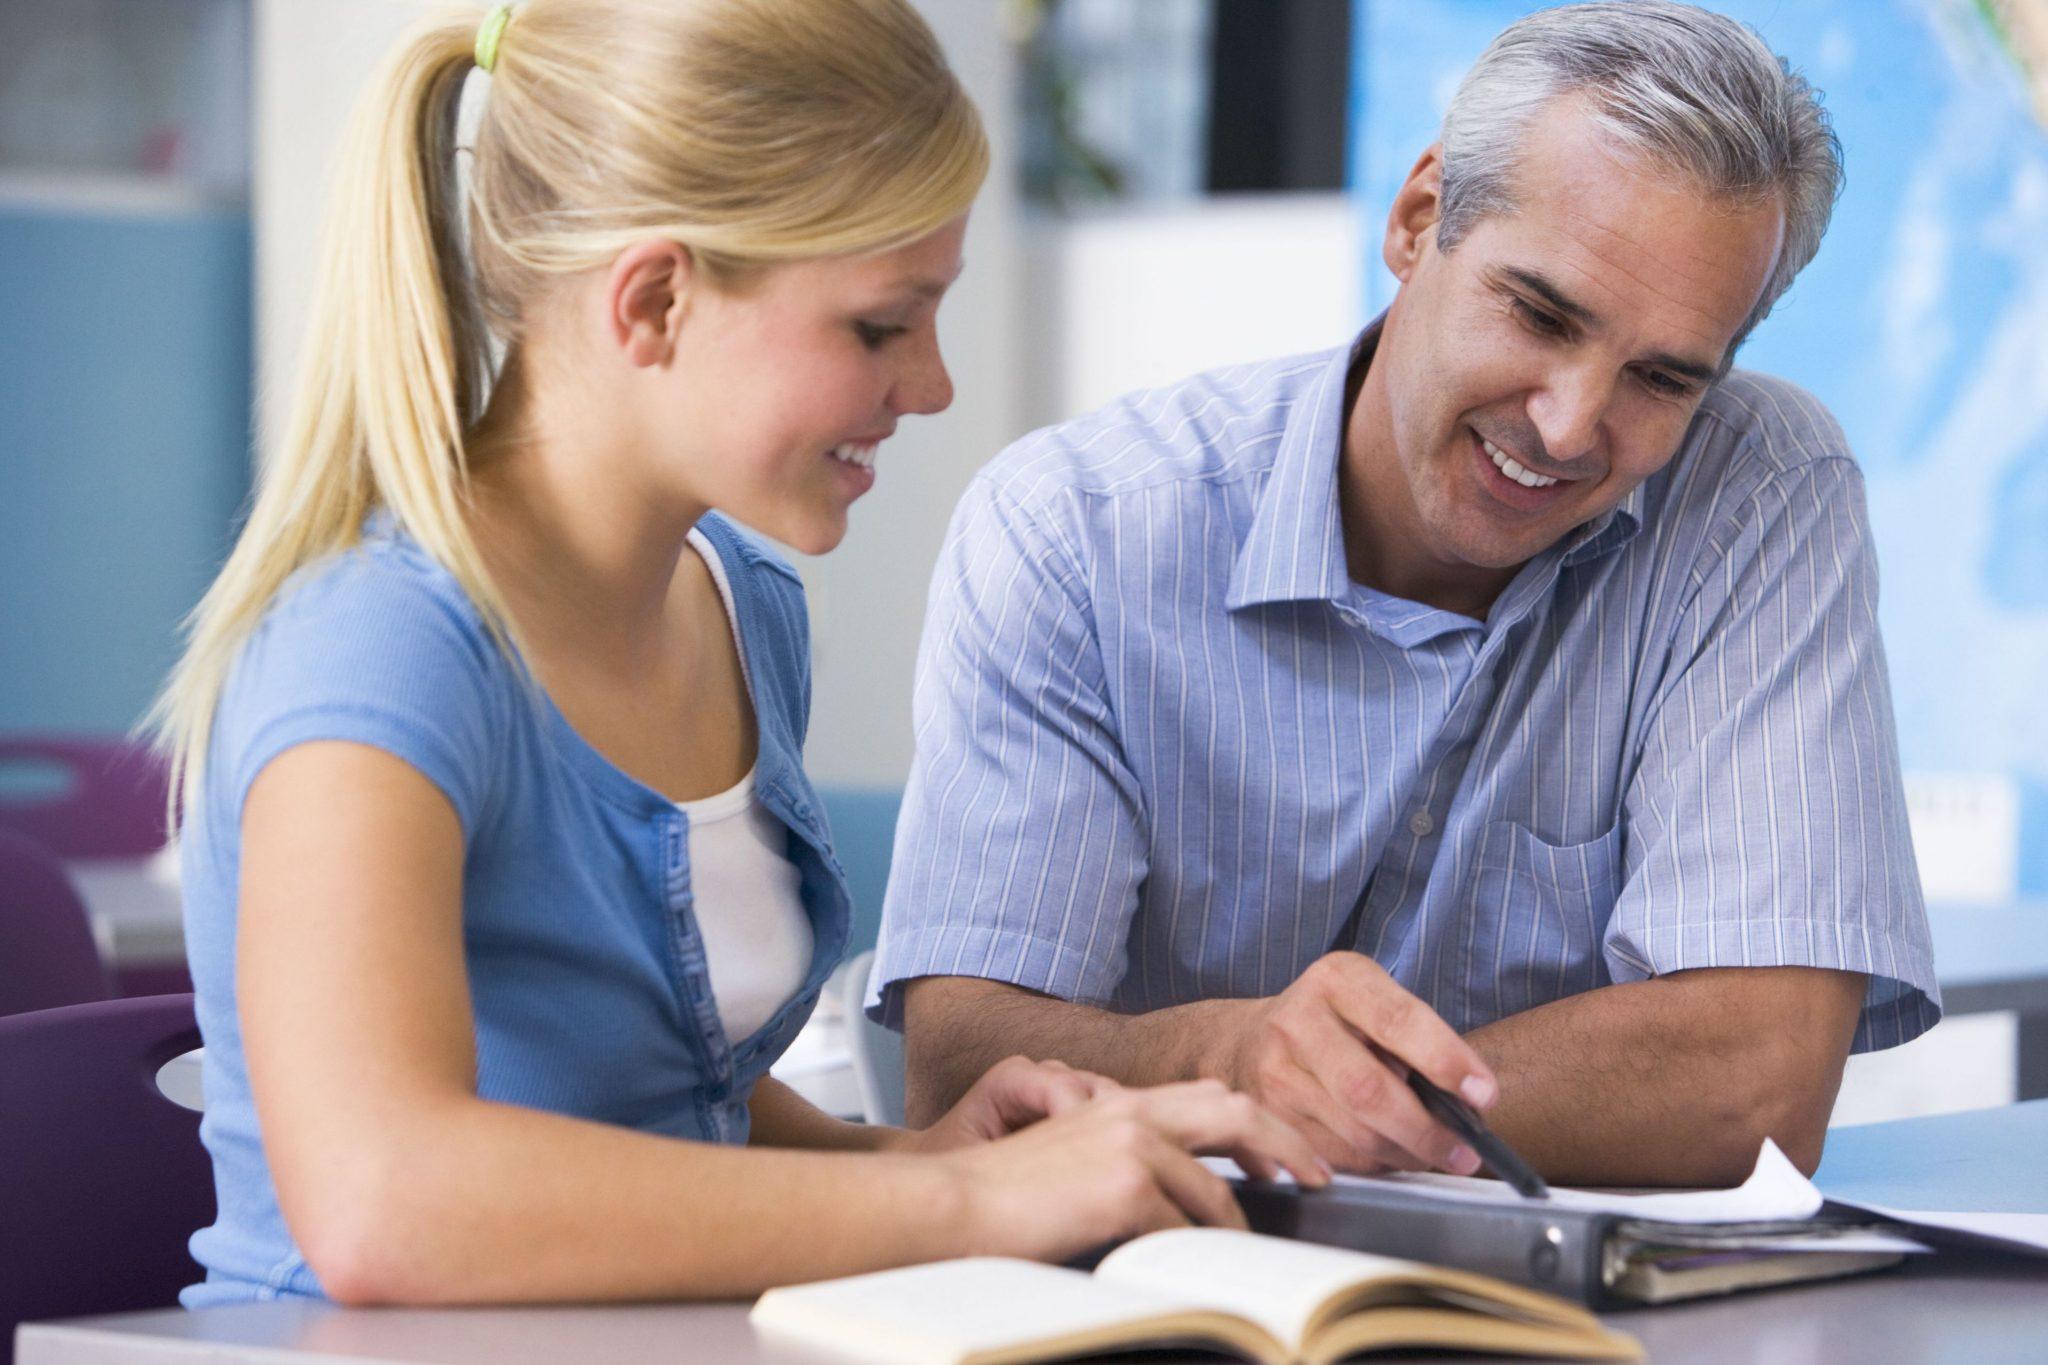 Les compétences requises pour être prof à domicile – Frankie WEB